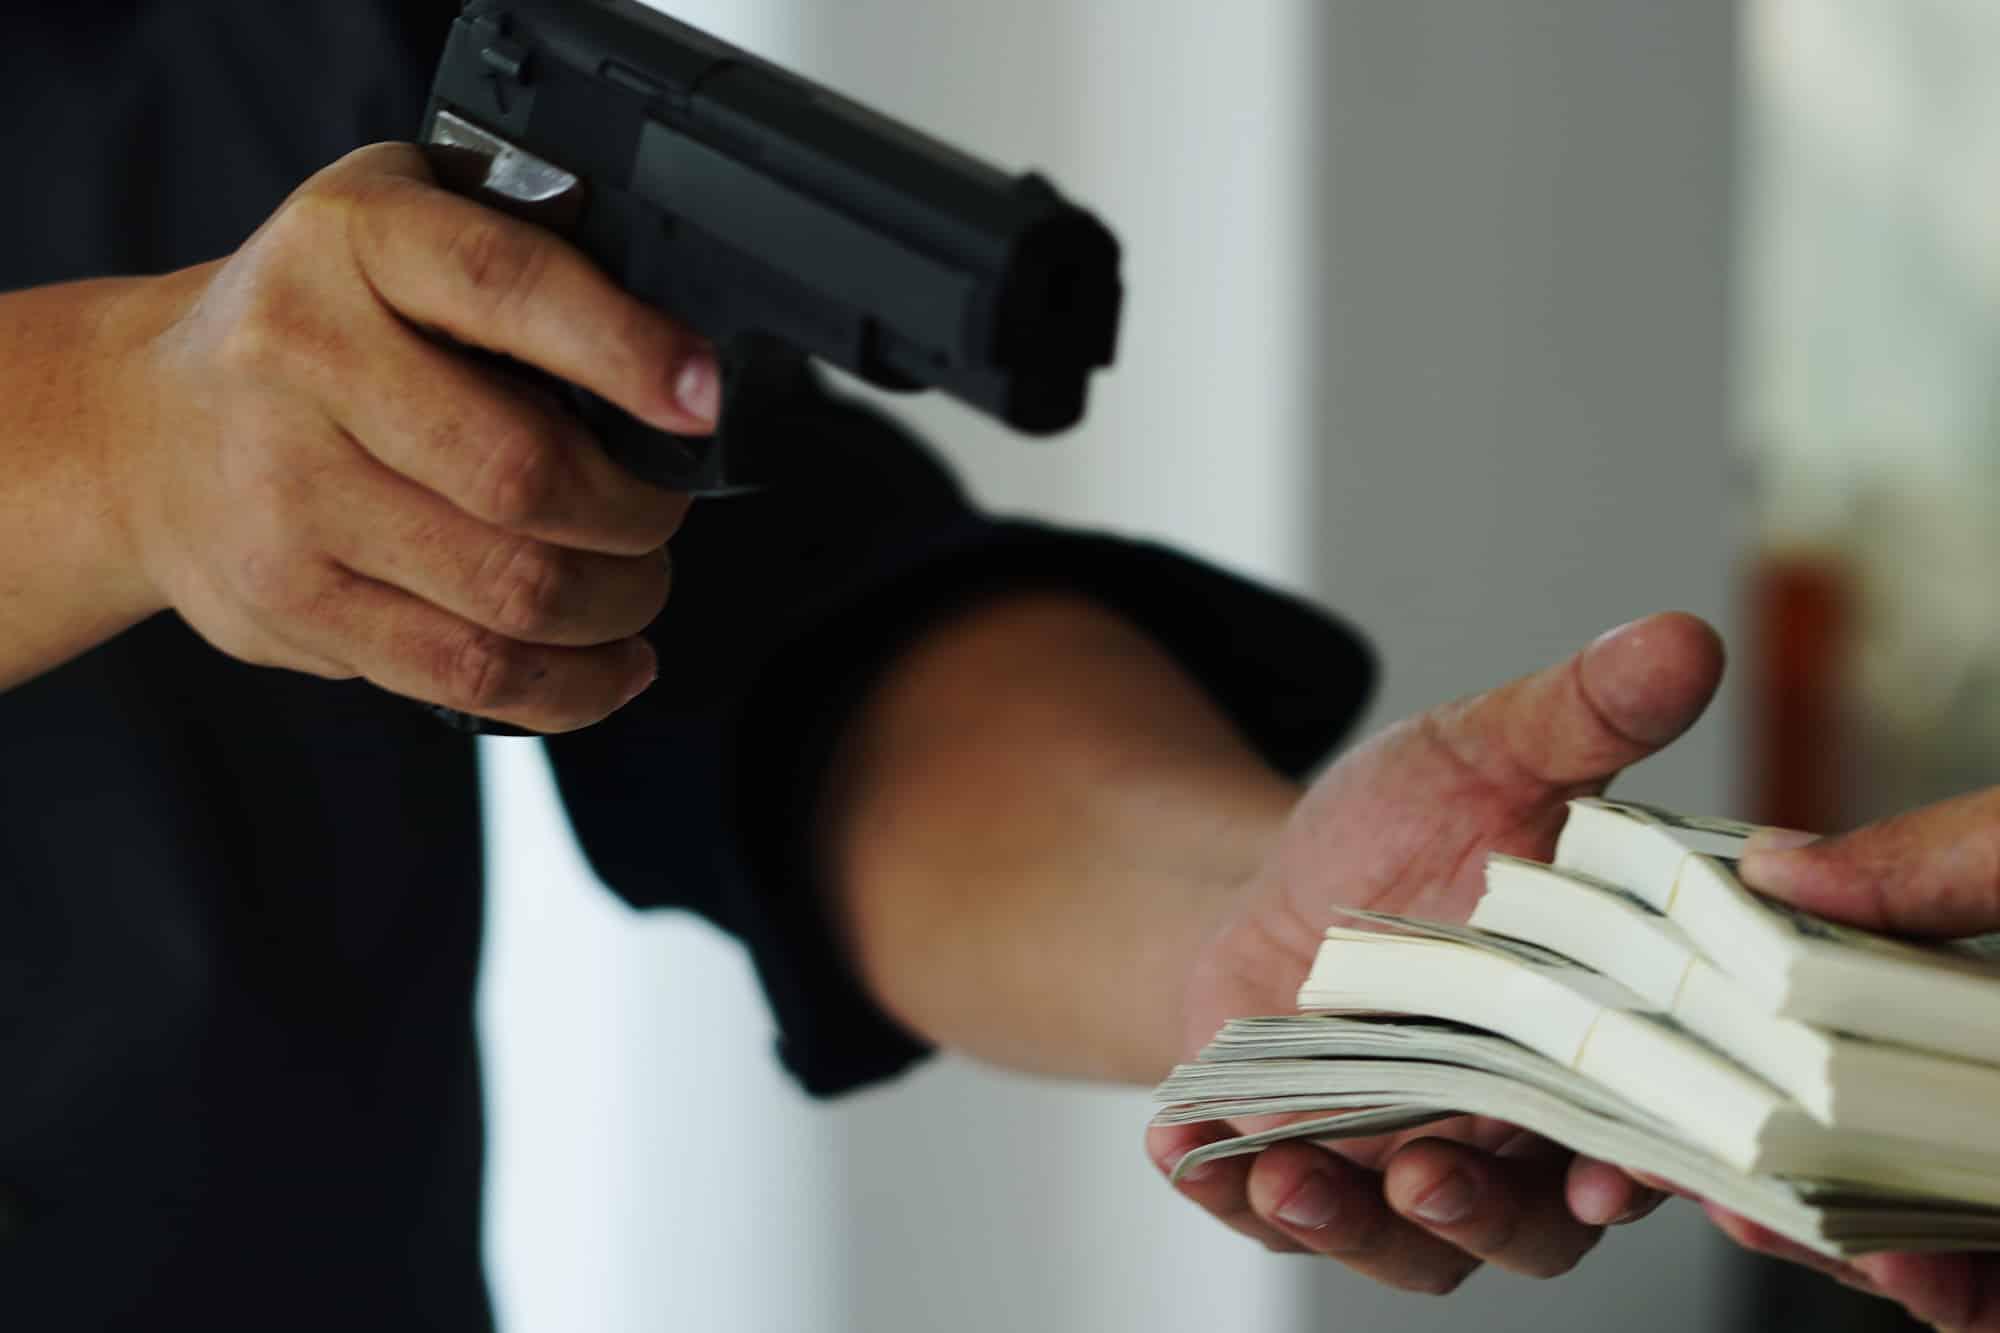 קטין הודה ששדד בעלי עסק באיומי אקדח ולא הורשע